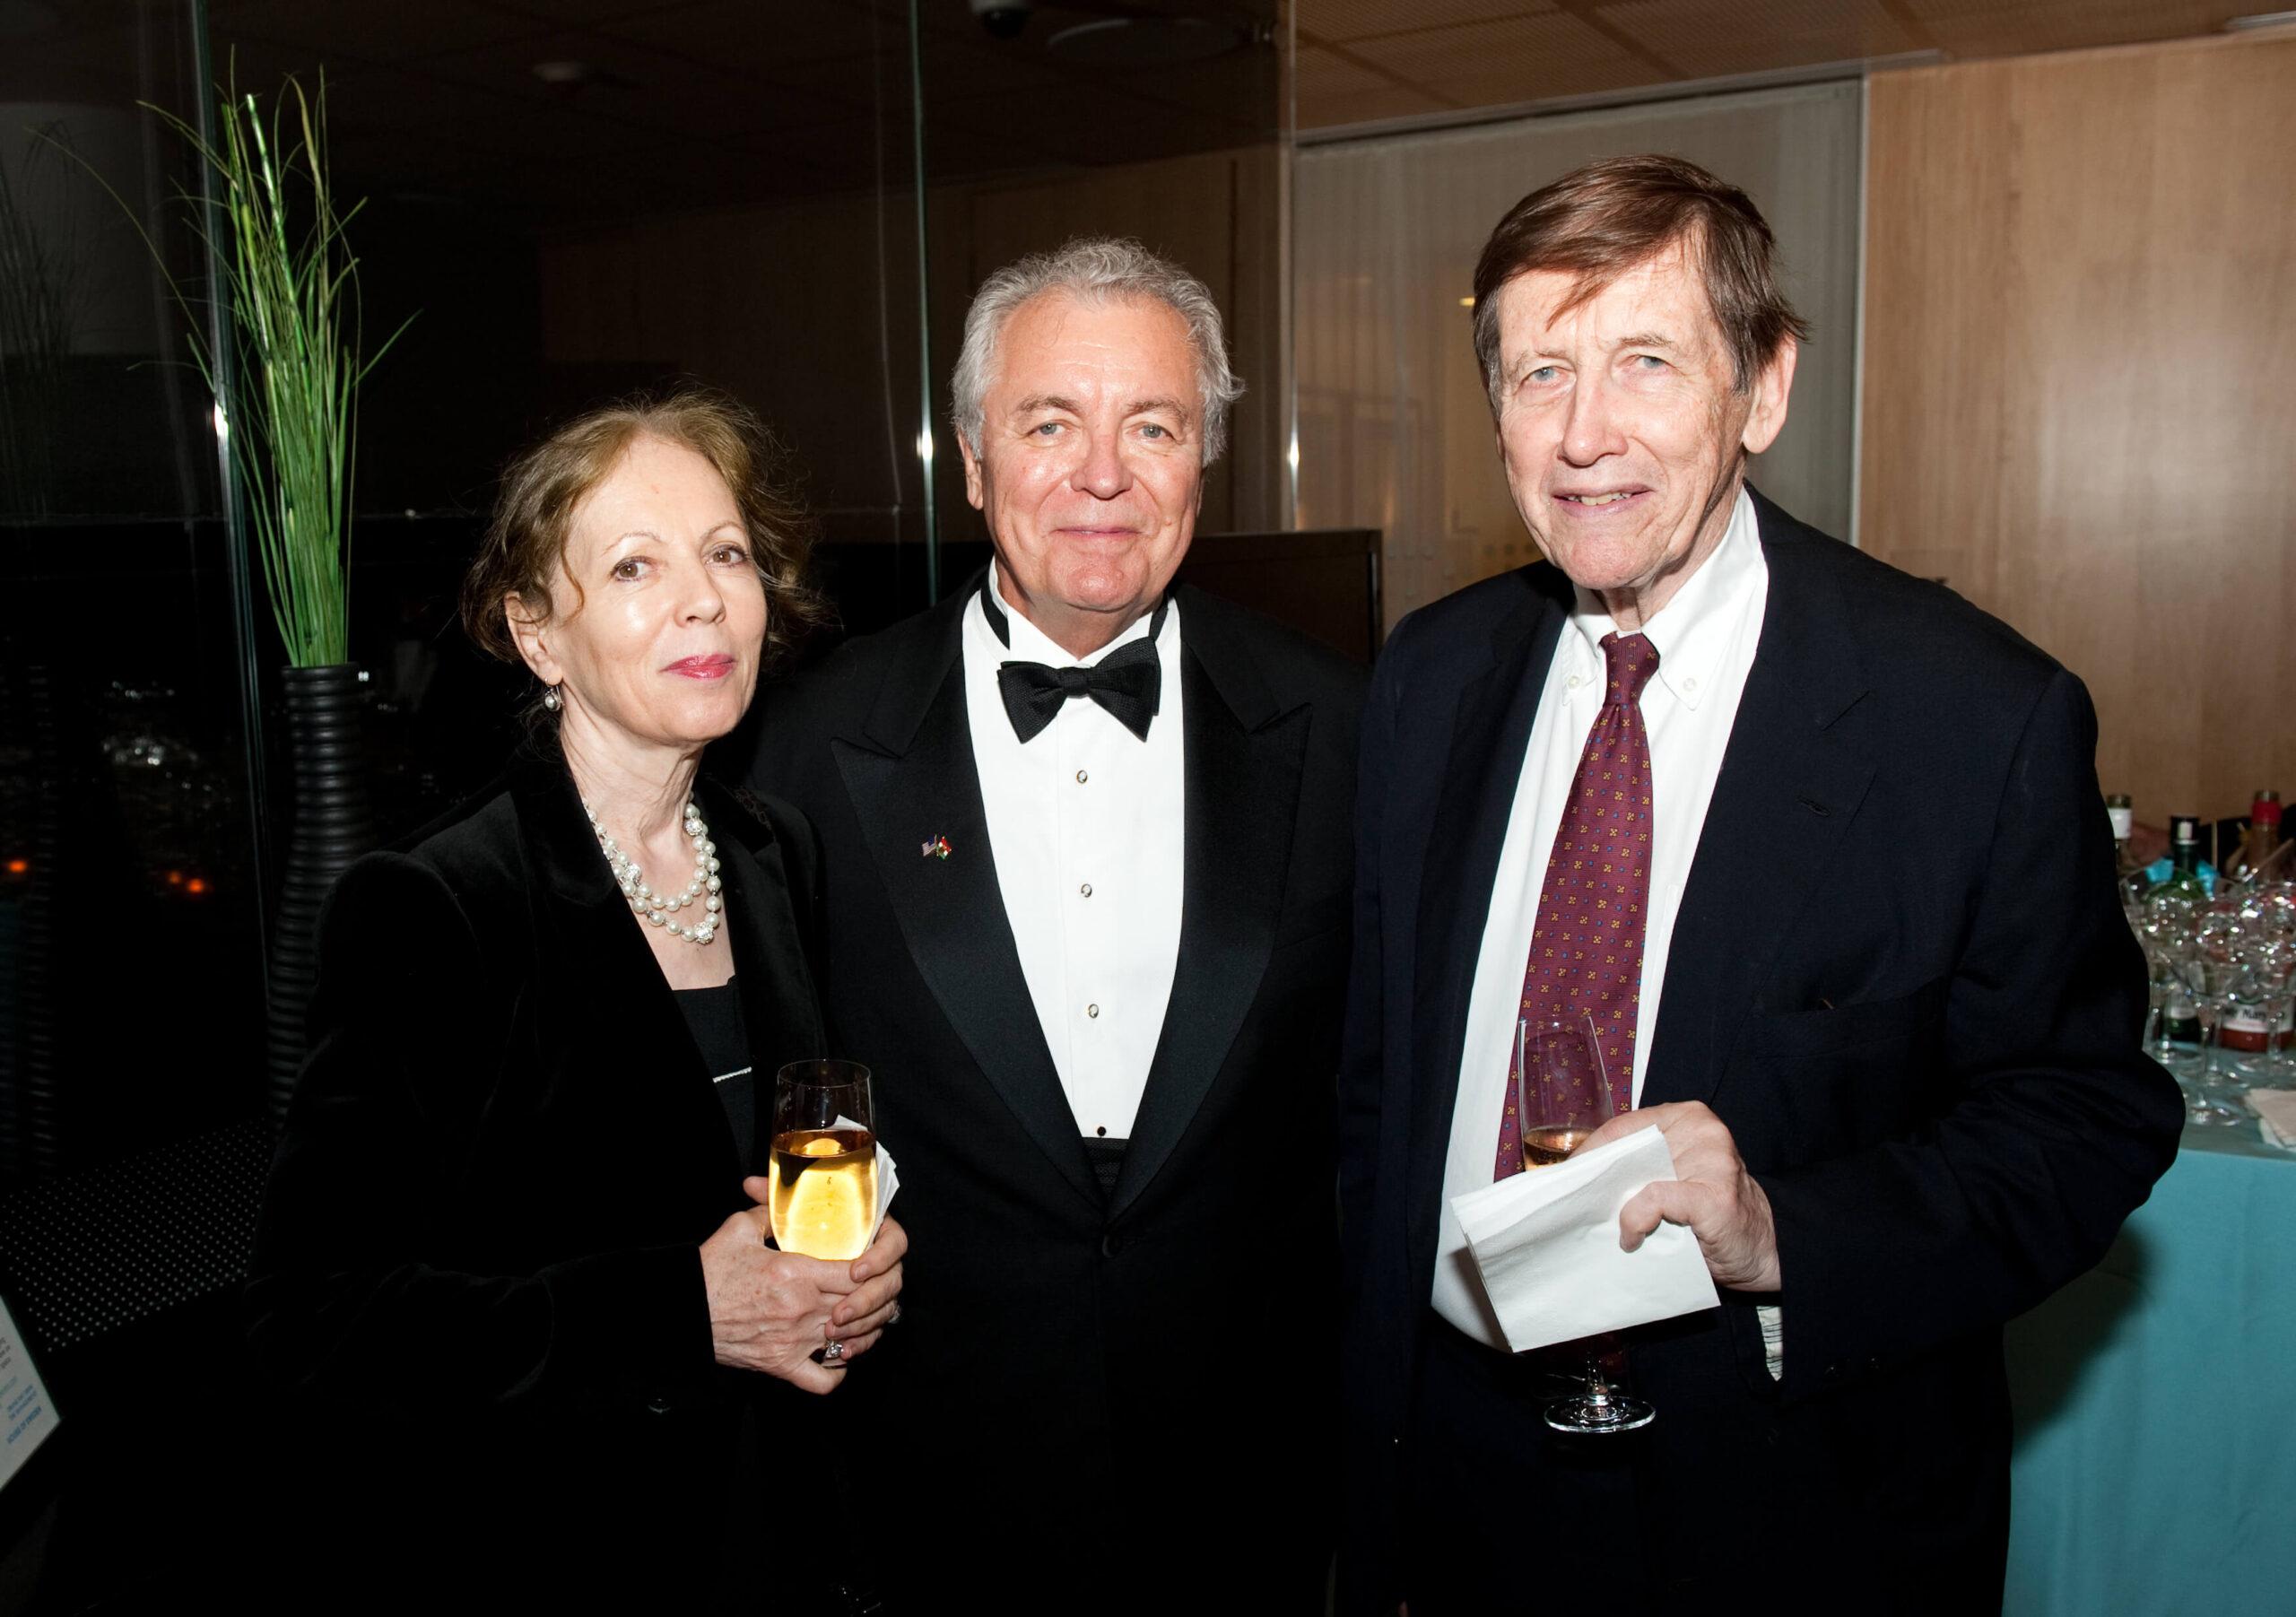 Mrs. Anikó Pásztory, Mr. John N. Lauer, Mr. Blaise Pásztory